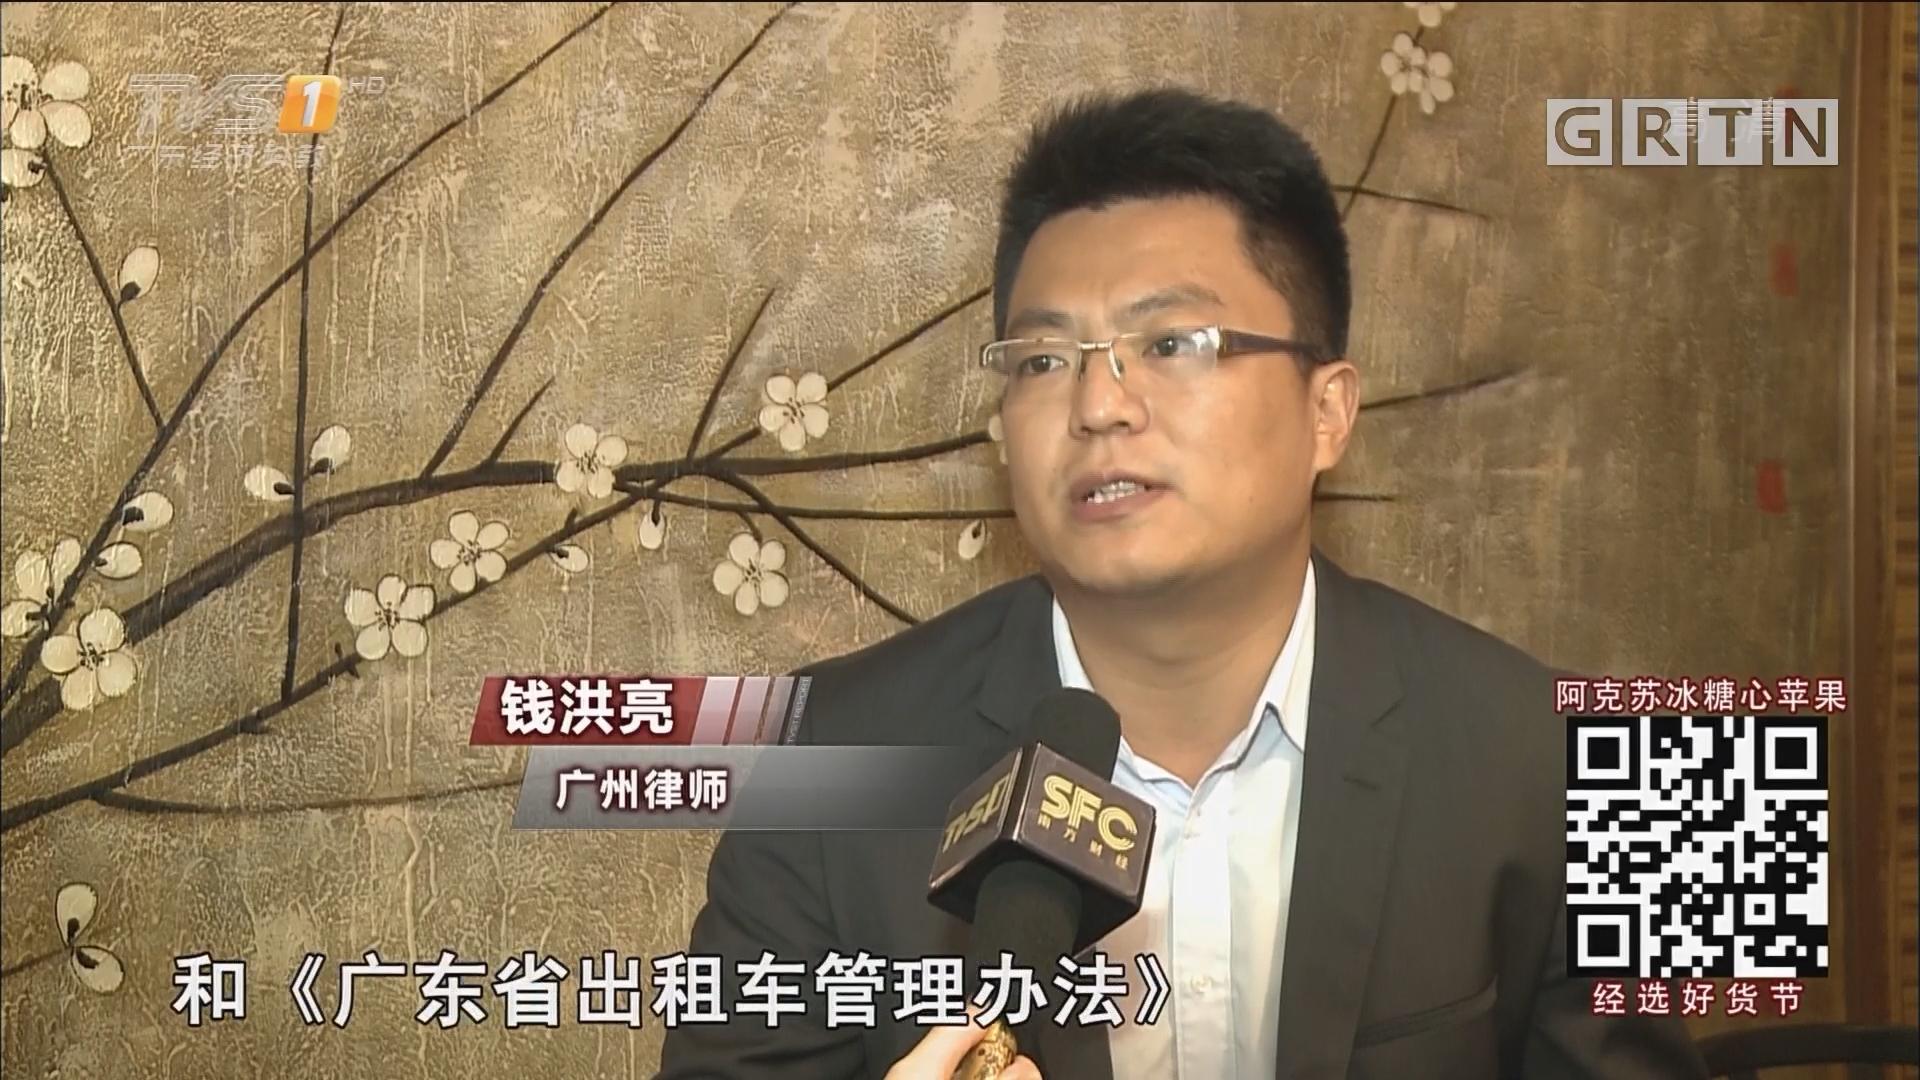 滴滴车主去年被罚 广州市交委今年终审败诉